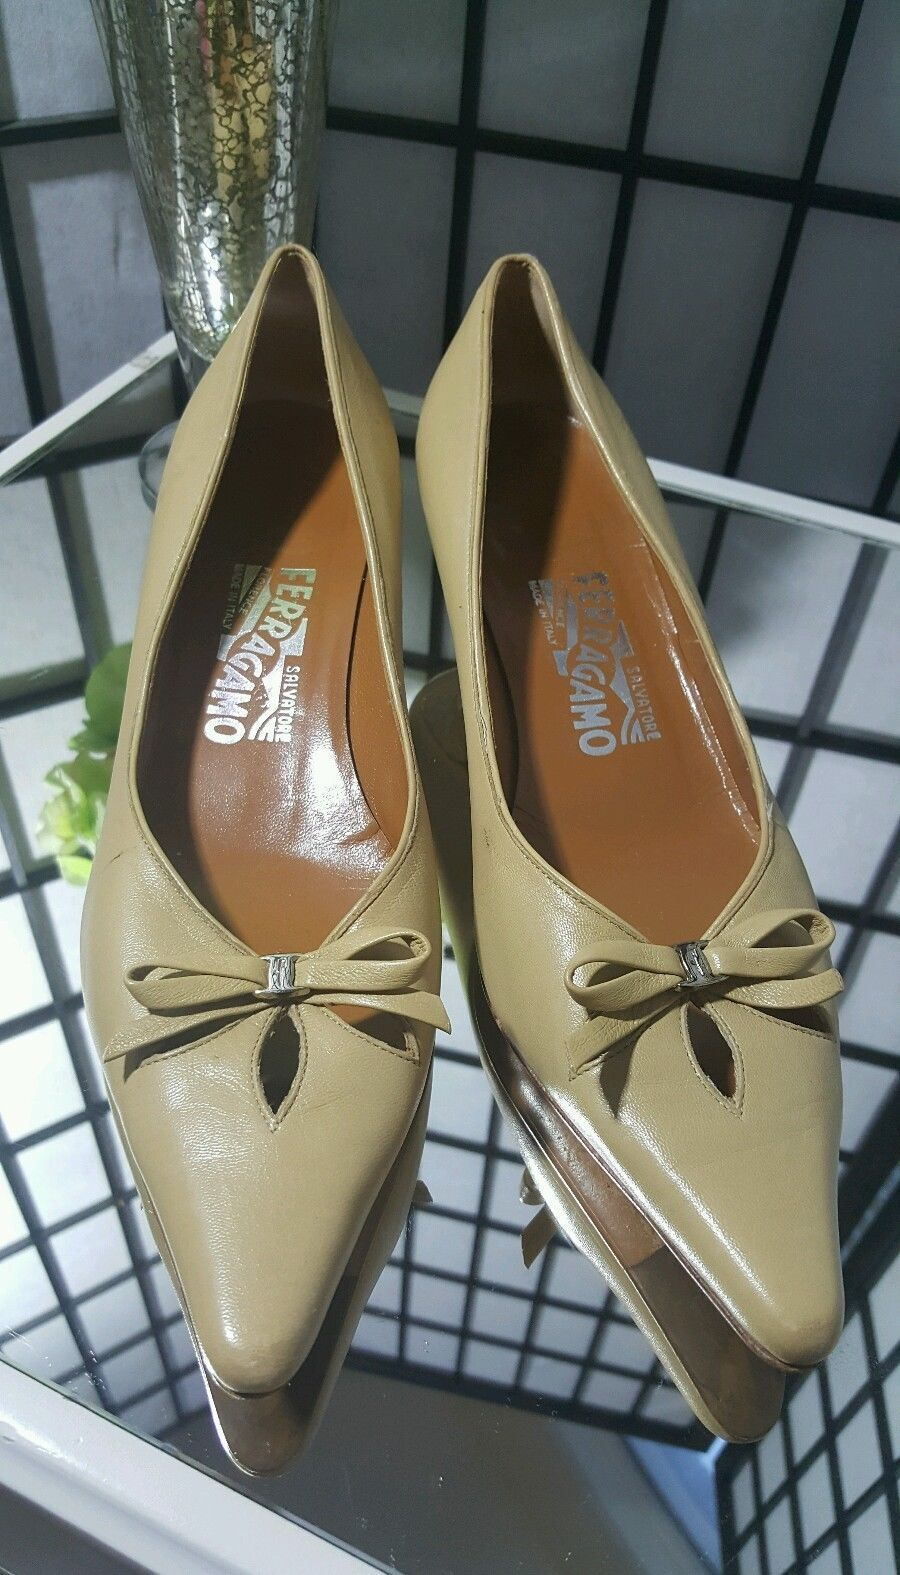 Salvatore Ferragamo Carla Nude Bow Kitten Pump Heel Pump Kitten Shoe Sz 6.5 B $575 f5ee79